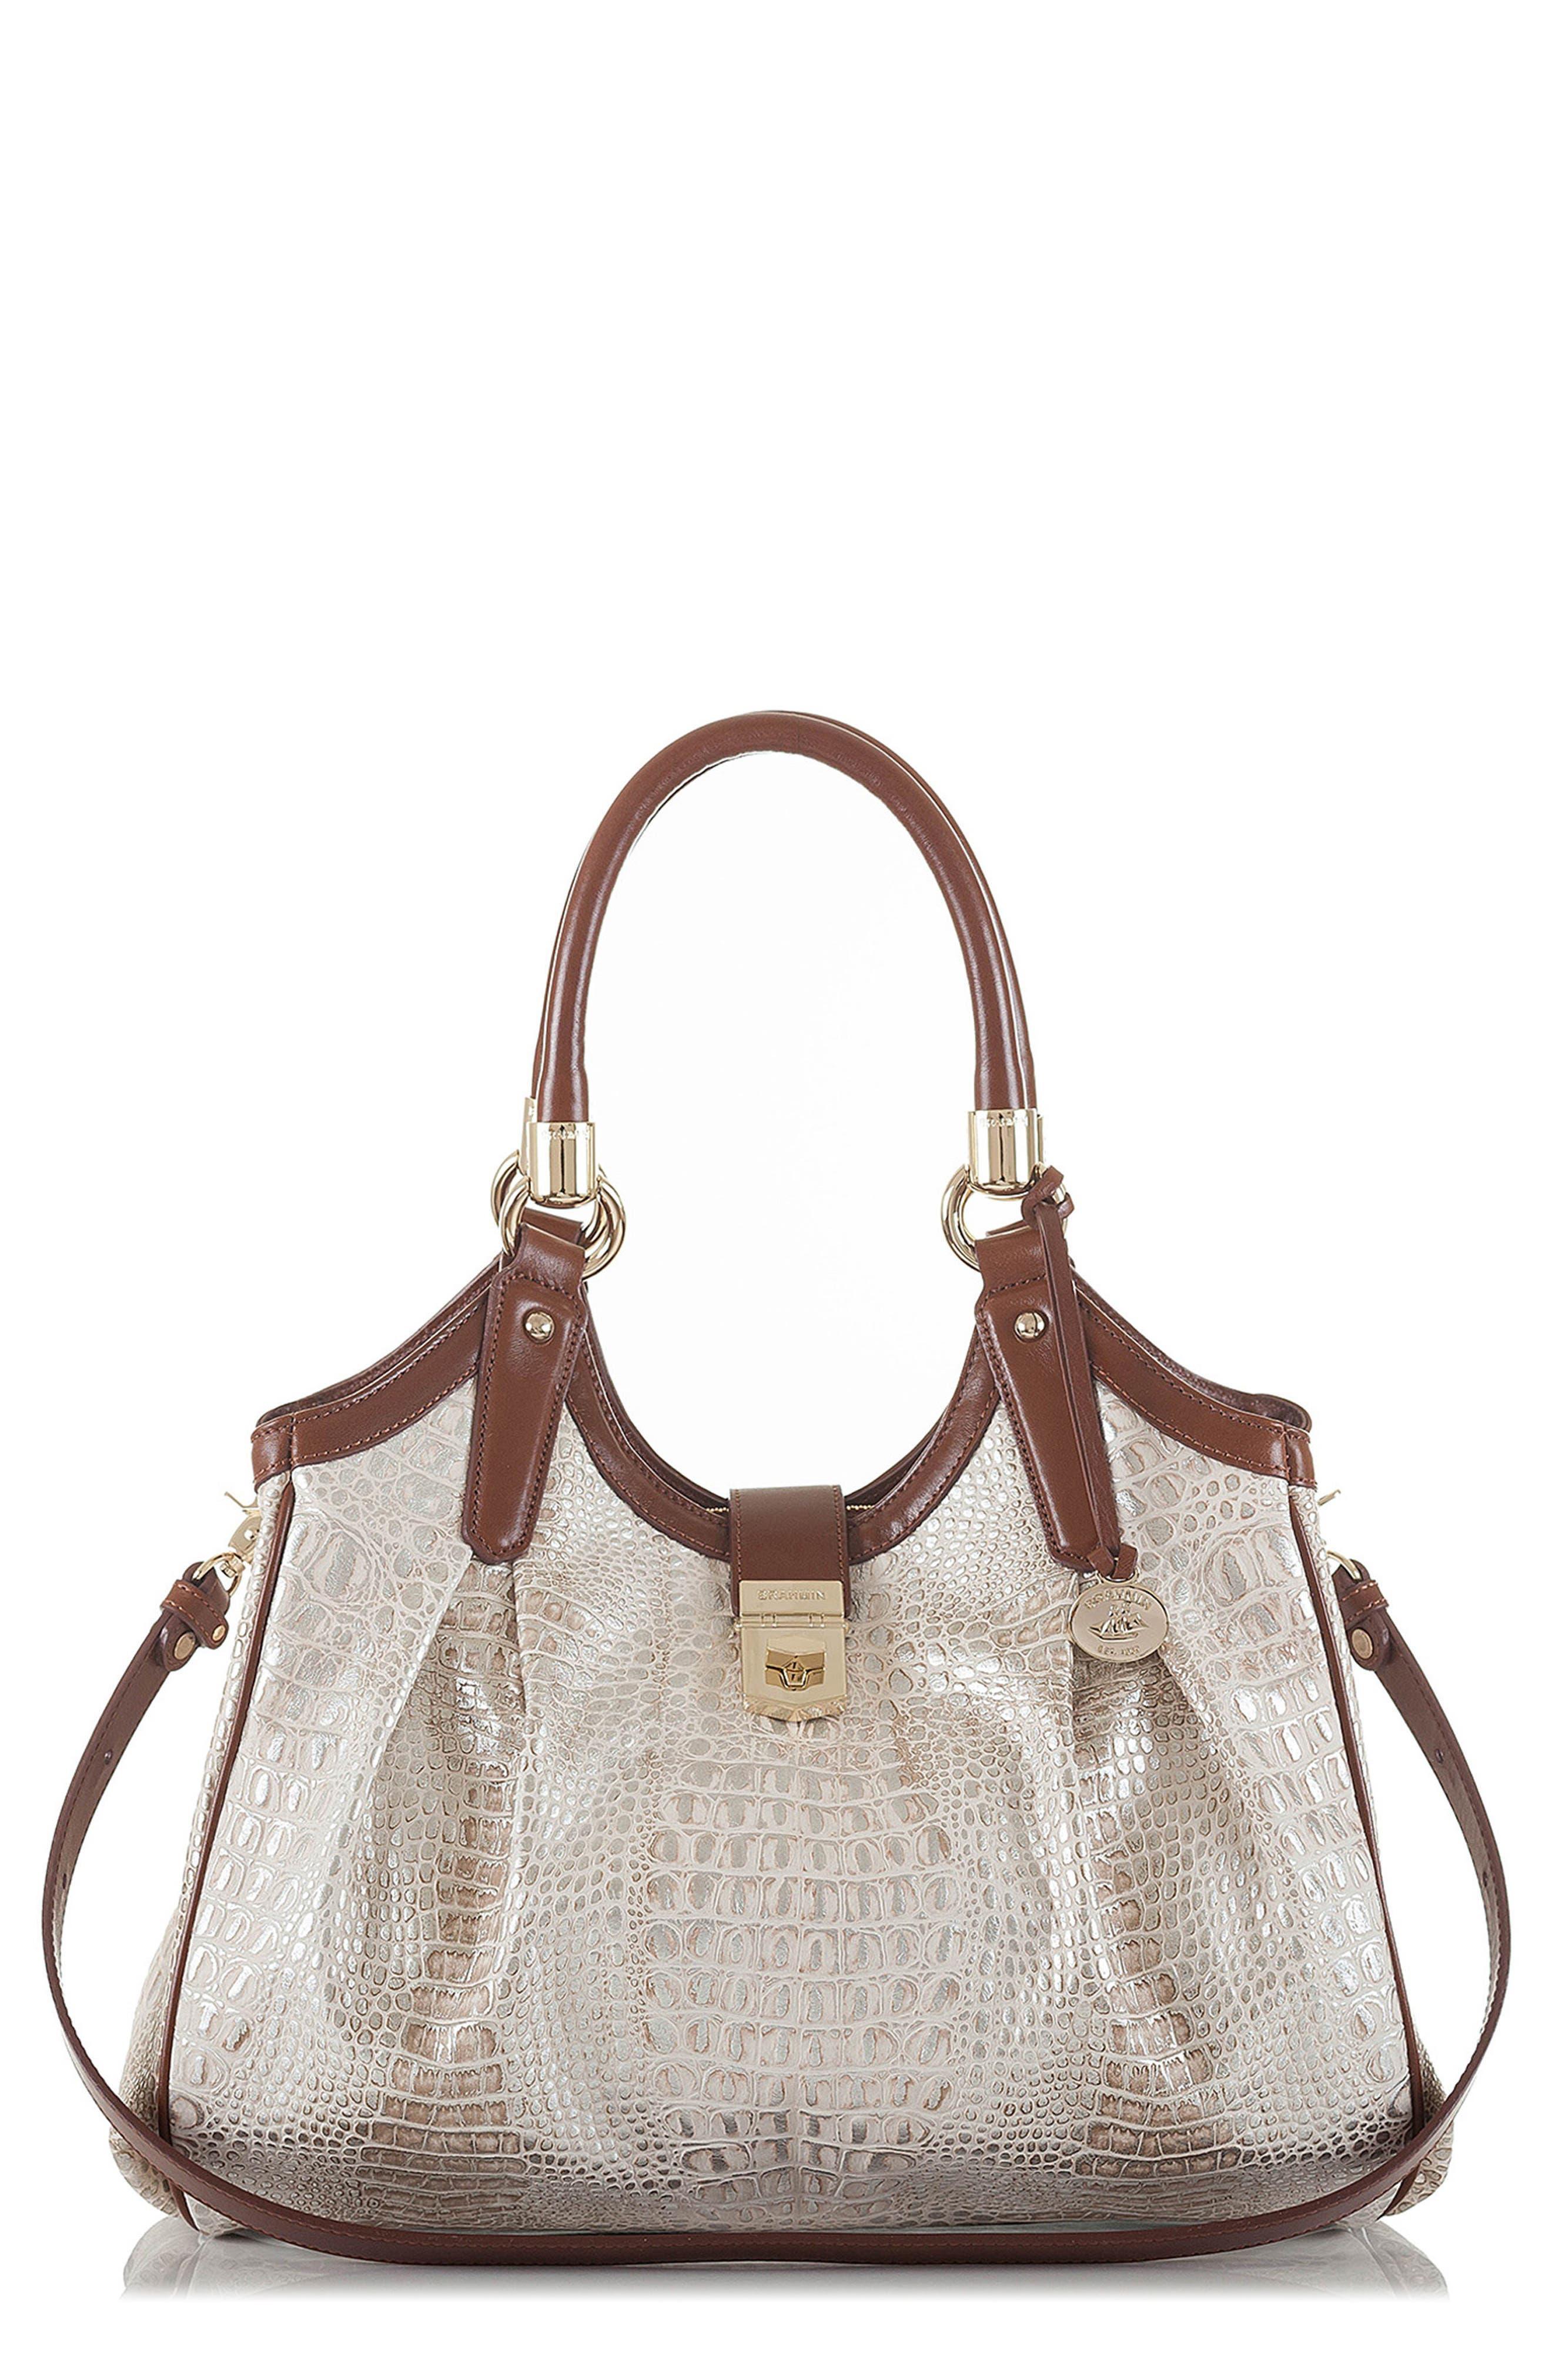 Elisa Croc Embossed Leather Shoulder Bag,                             Main thumbnail 1, color,                             BEIGE